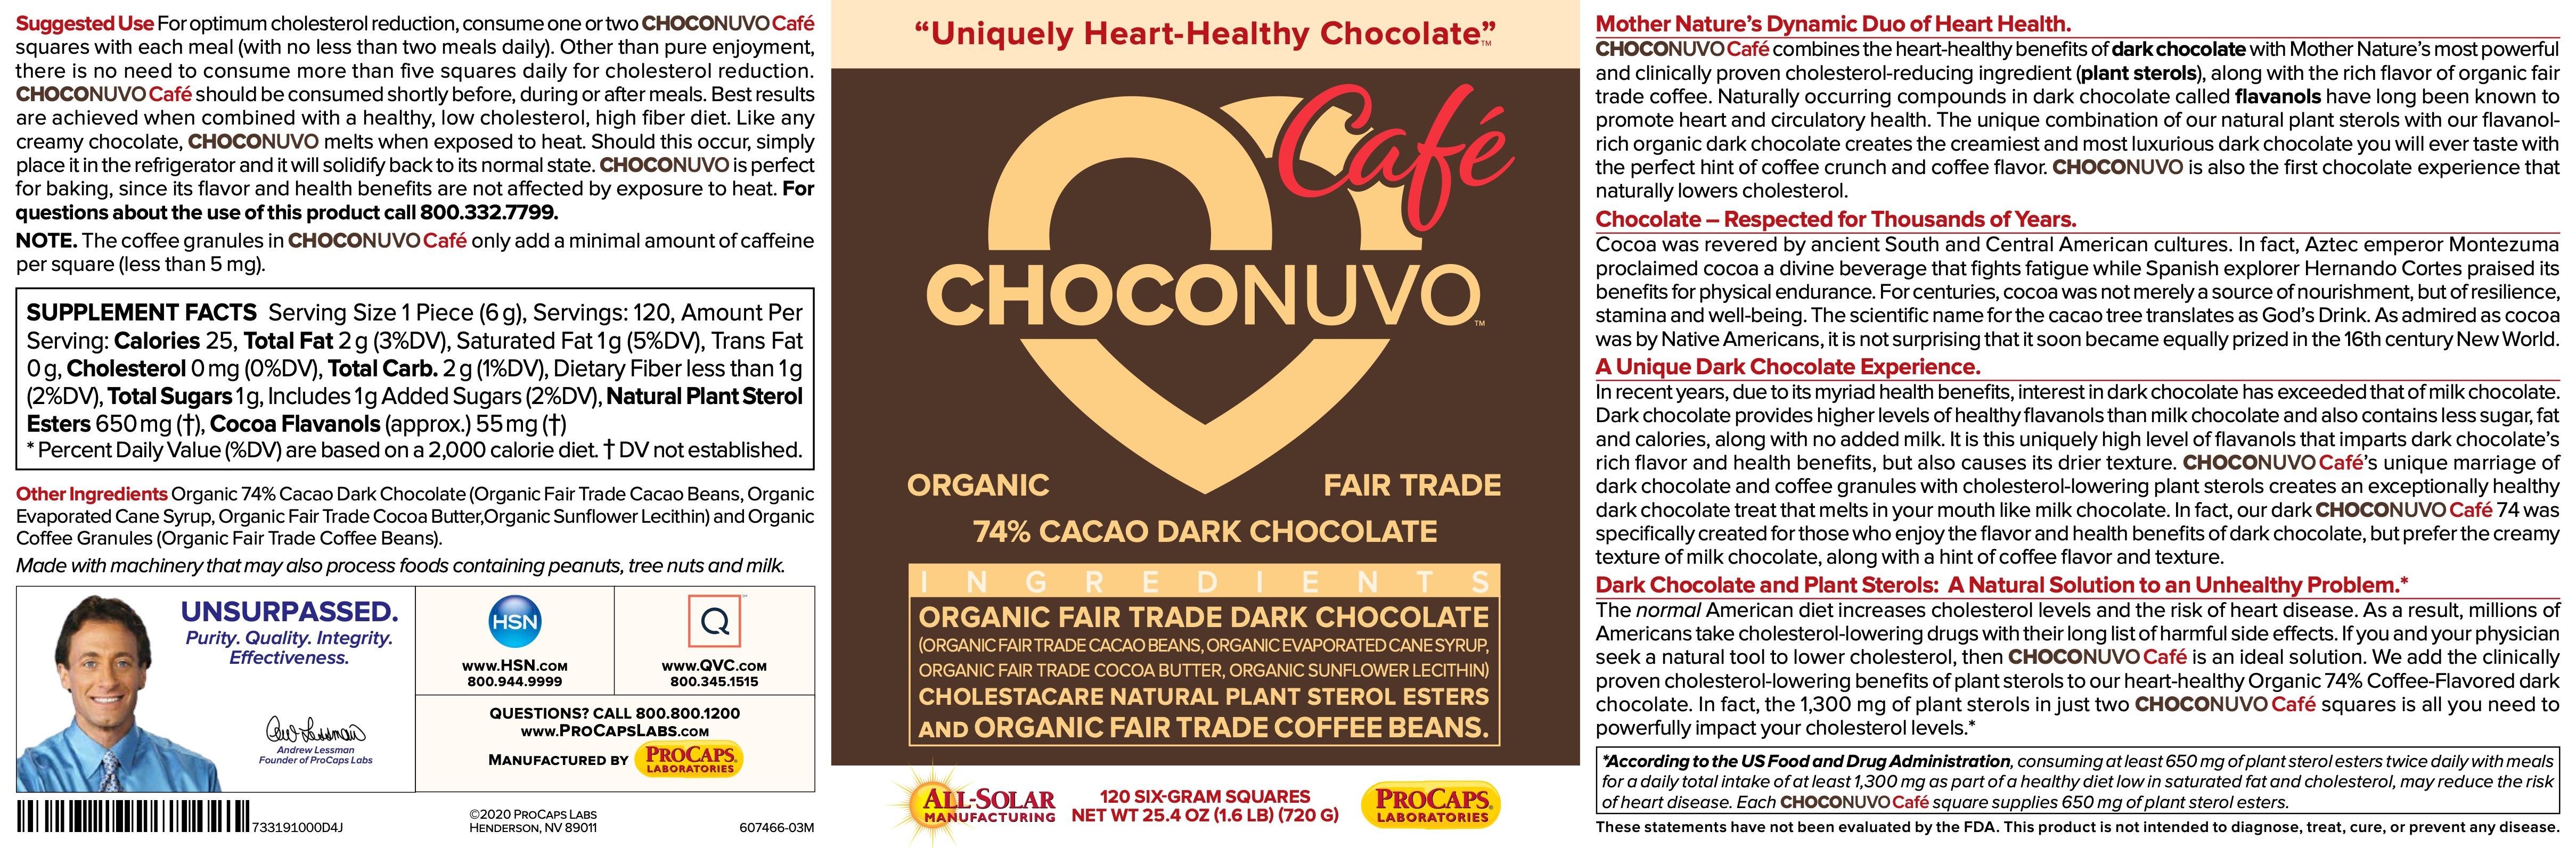 ChocoNuvo-Caf-74-Cacao-Dark-Chocolate-Cardiovascular-Health